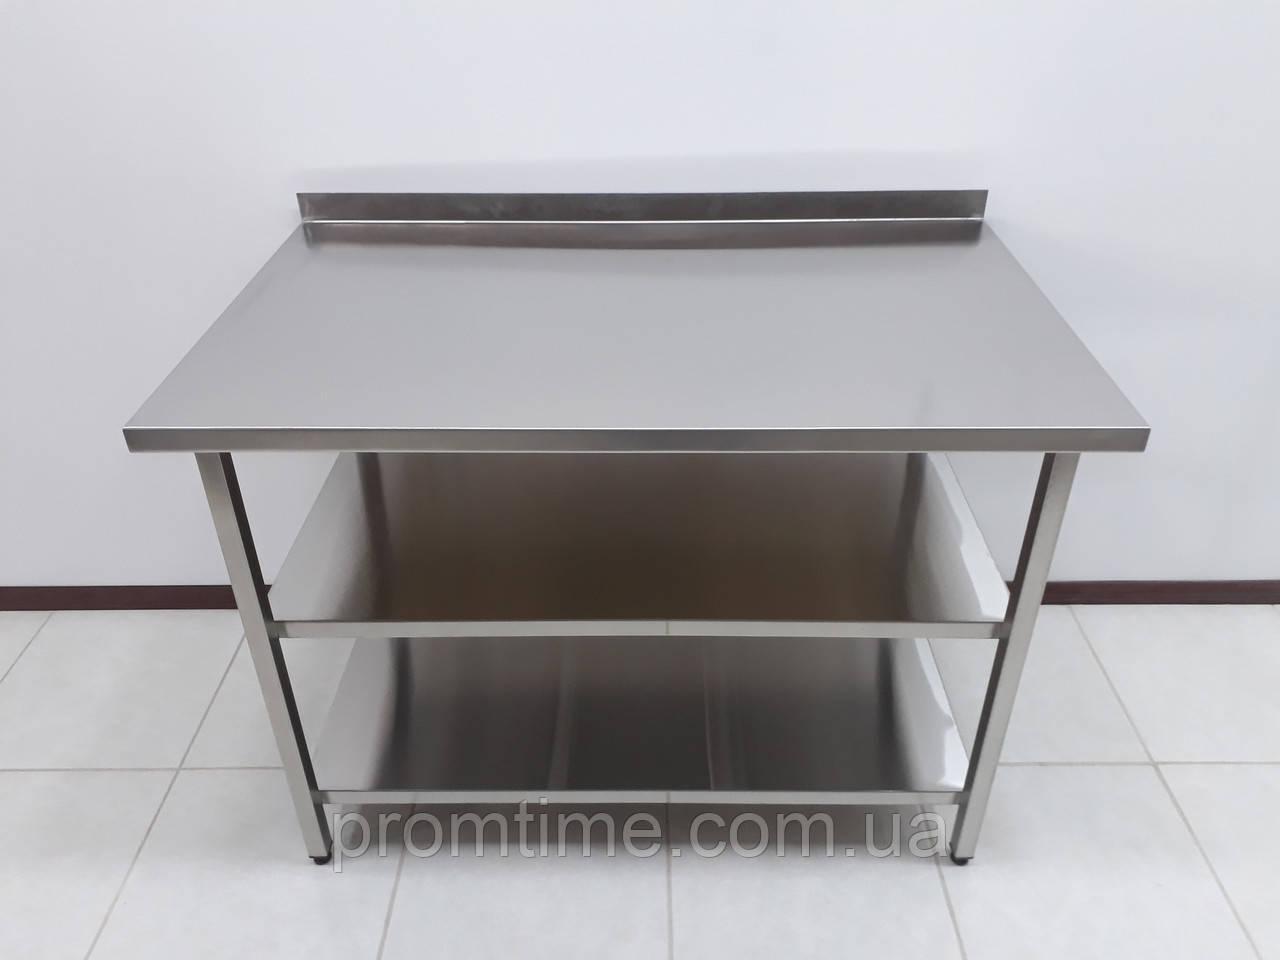 Стол производственный прямоугольный из нержавеющей стали 1000х700х850